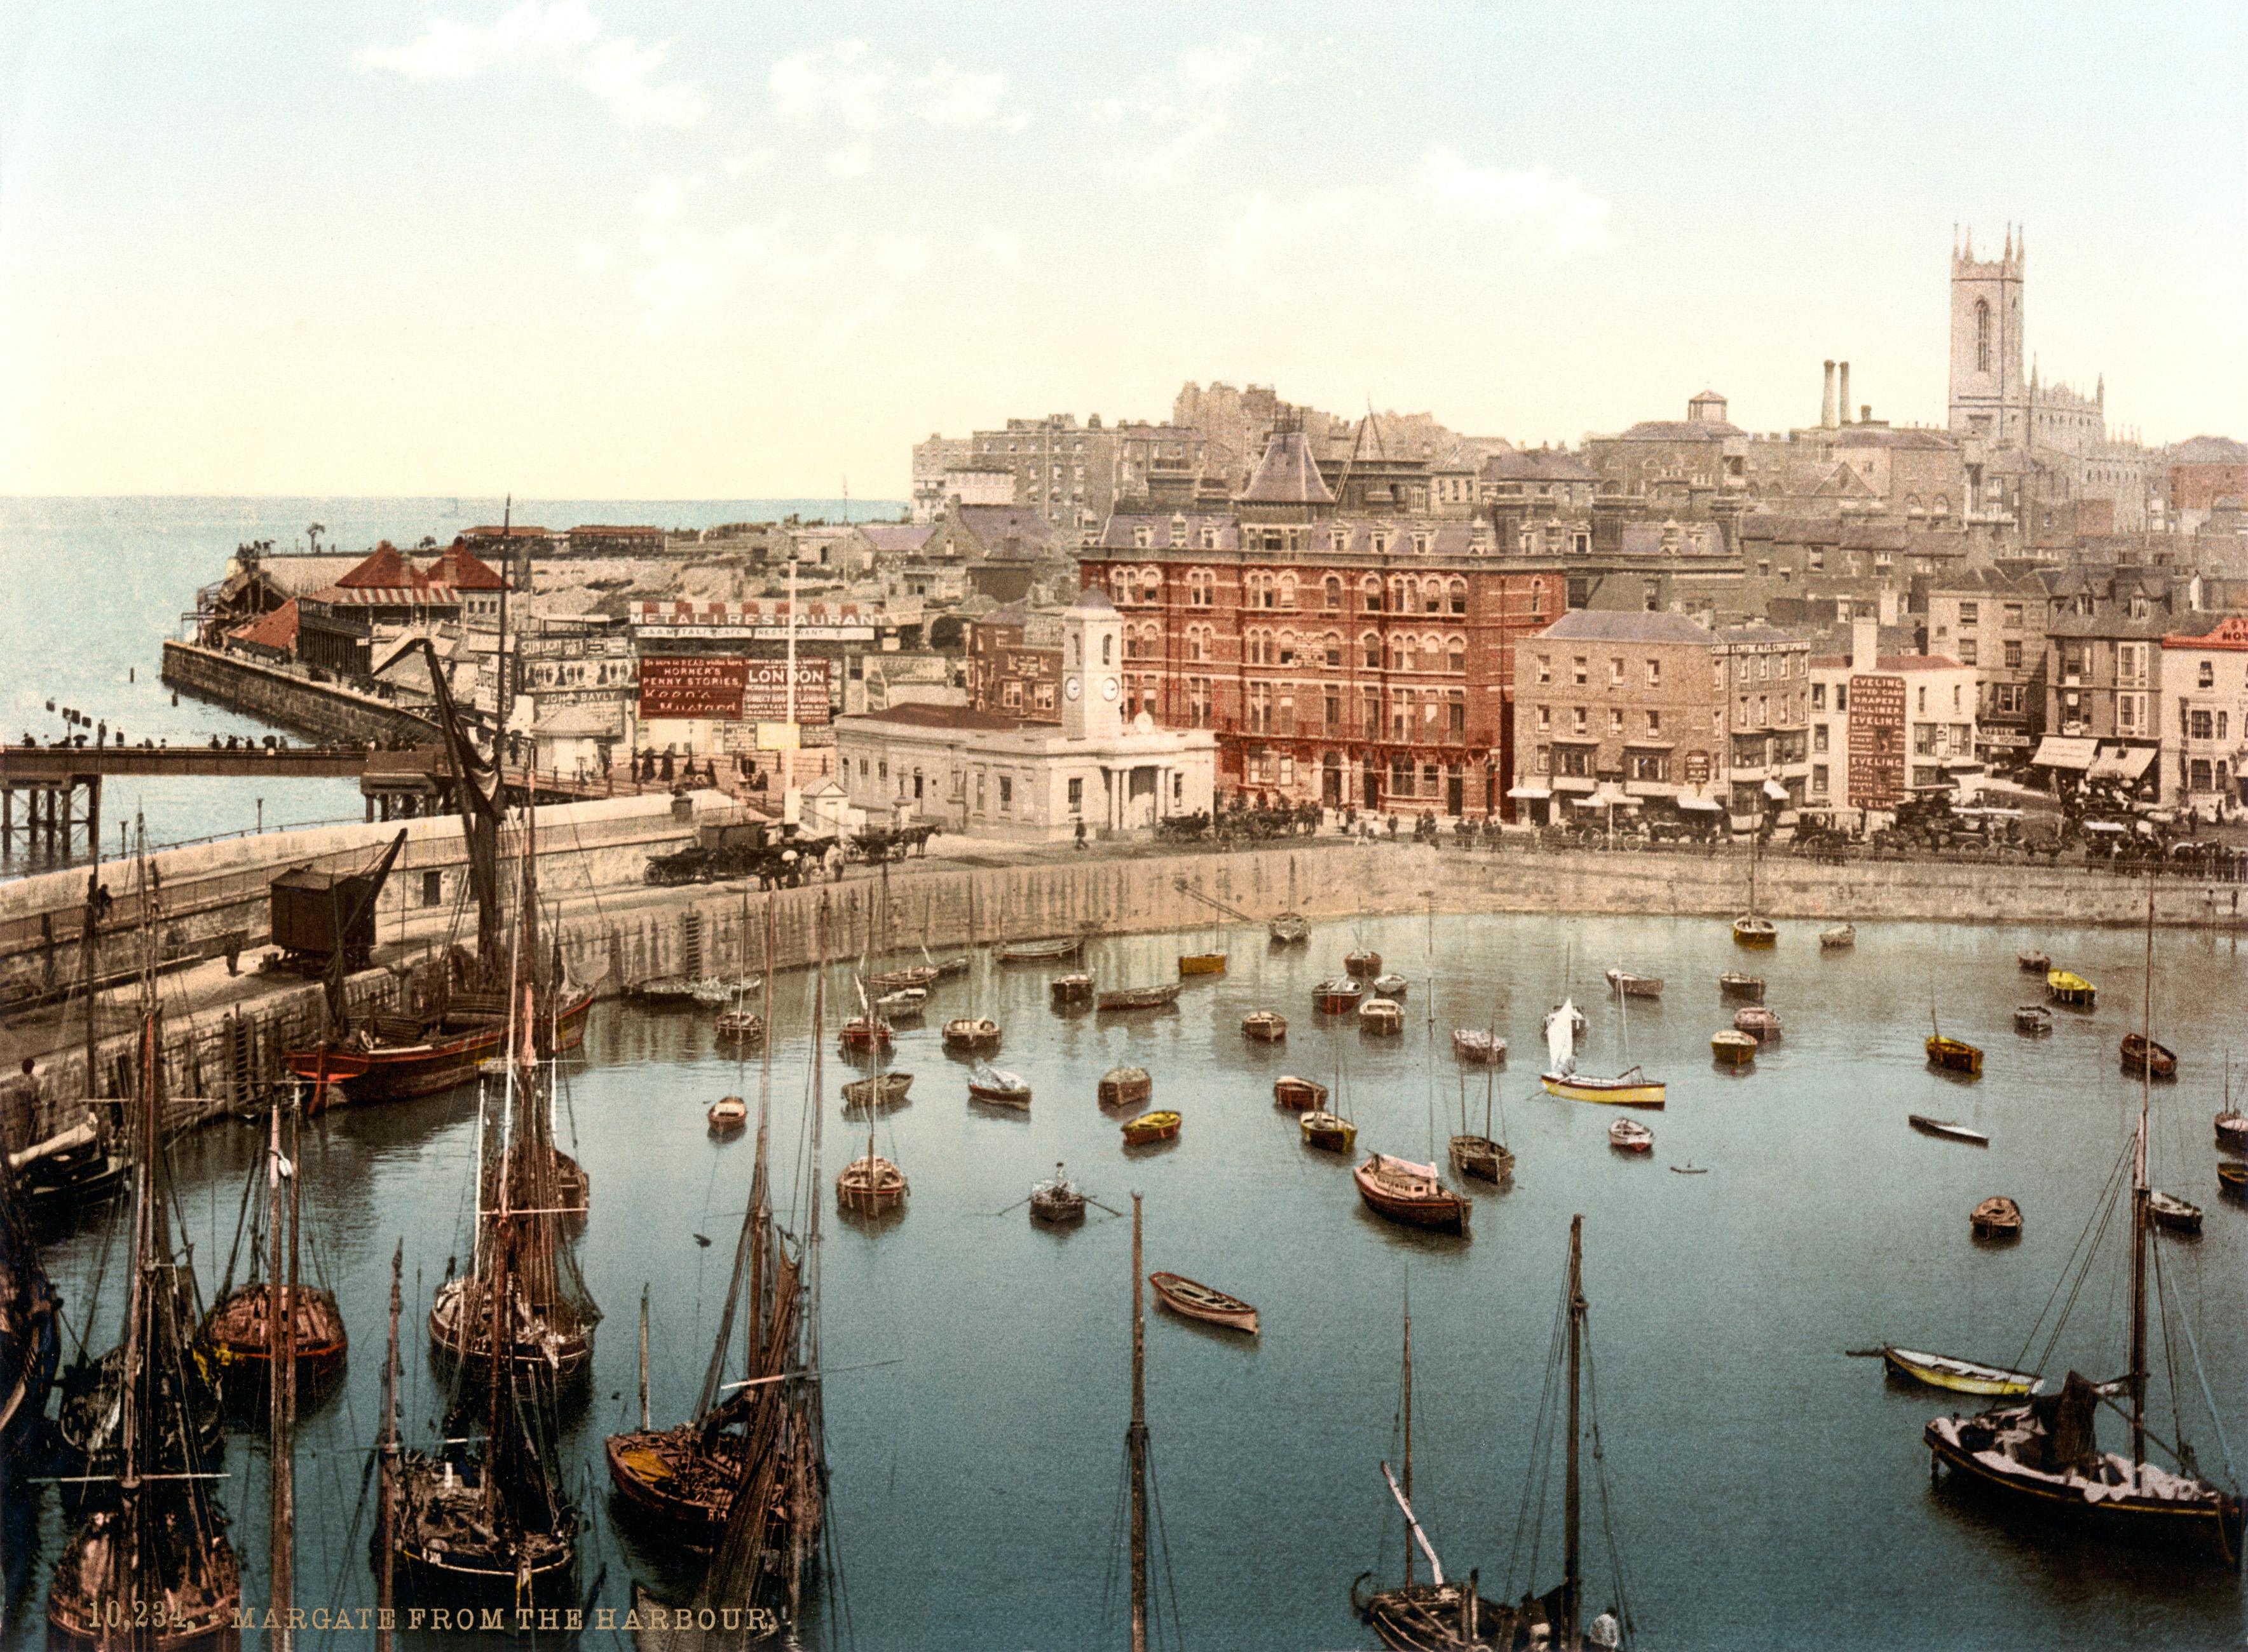 margate 1879